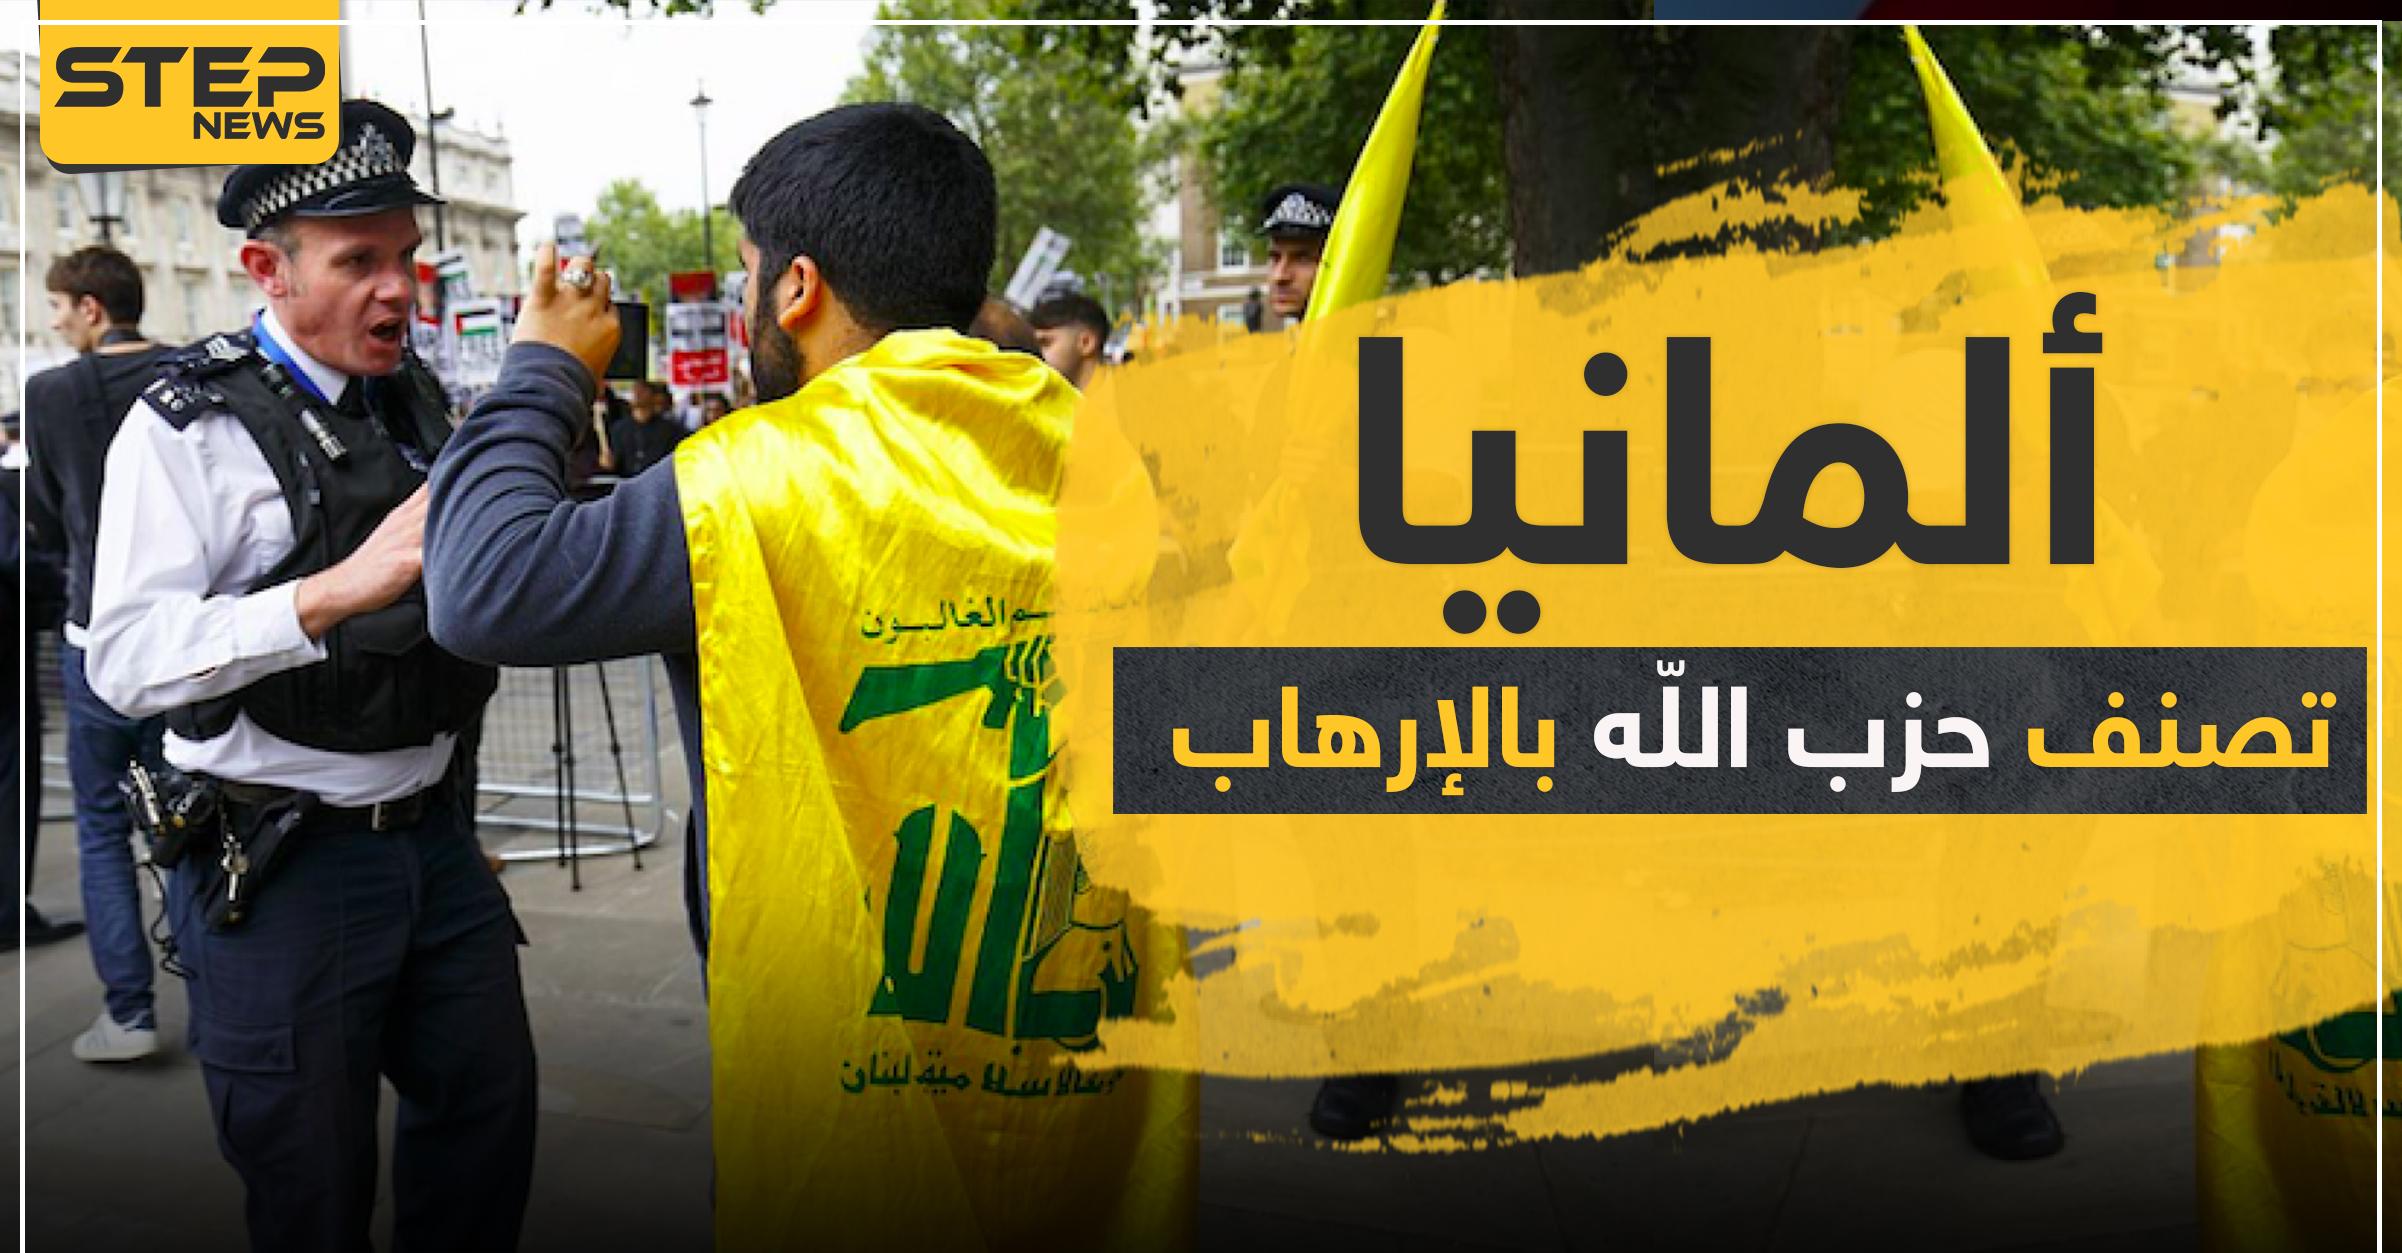 ألمانيا تتخذ خطوات جديدة بشأن ميليشيا حزب الله وسط ترحيب دولي